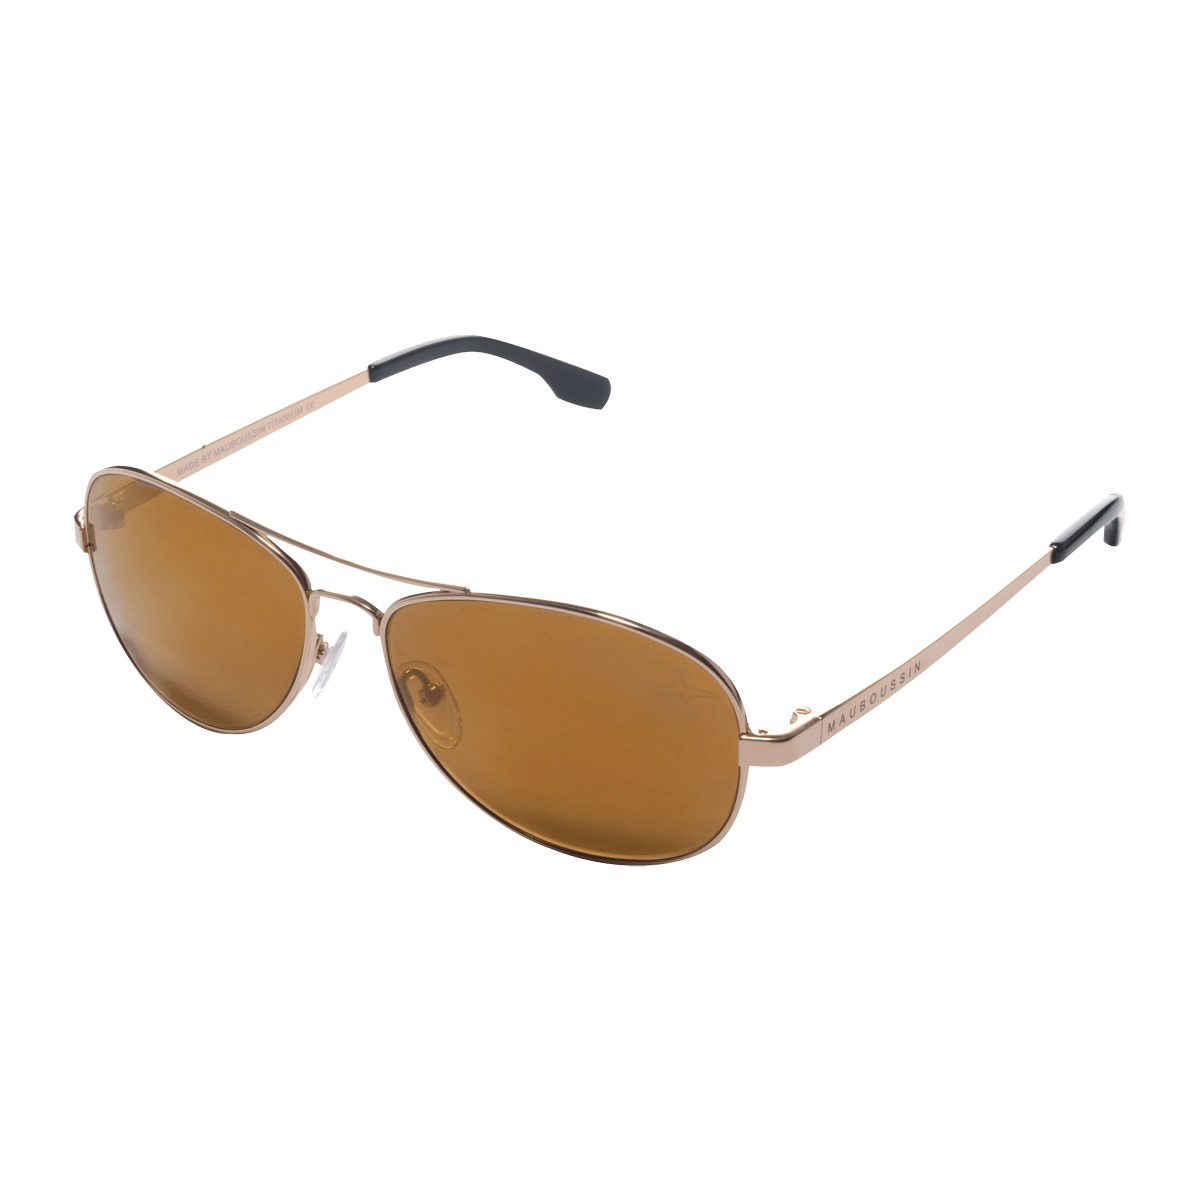 1eafe53b68834e lunettes lunettes Doré Acier De Sun Soleil Soleil Soleil Mauboussin 15  1a7qw8